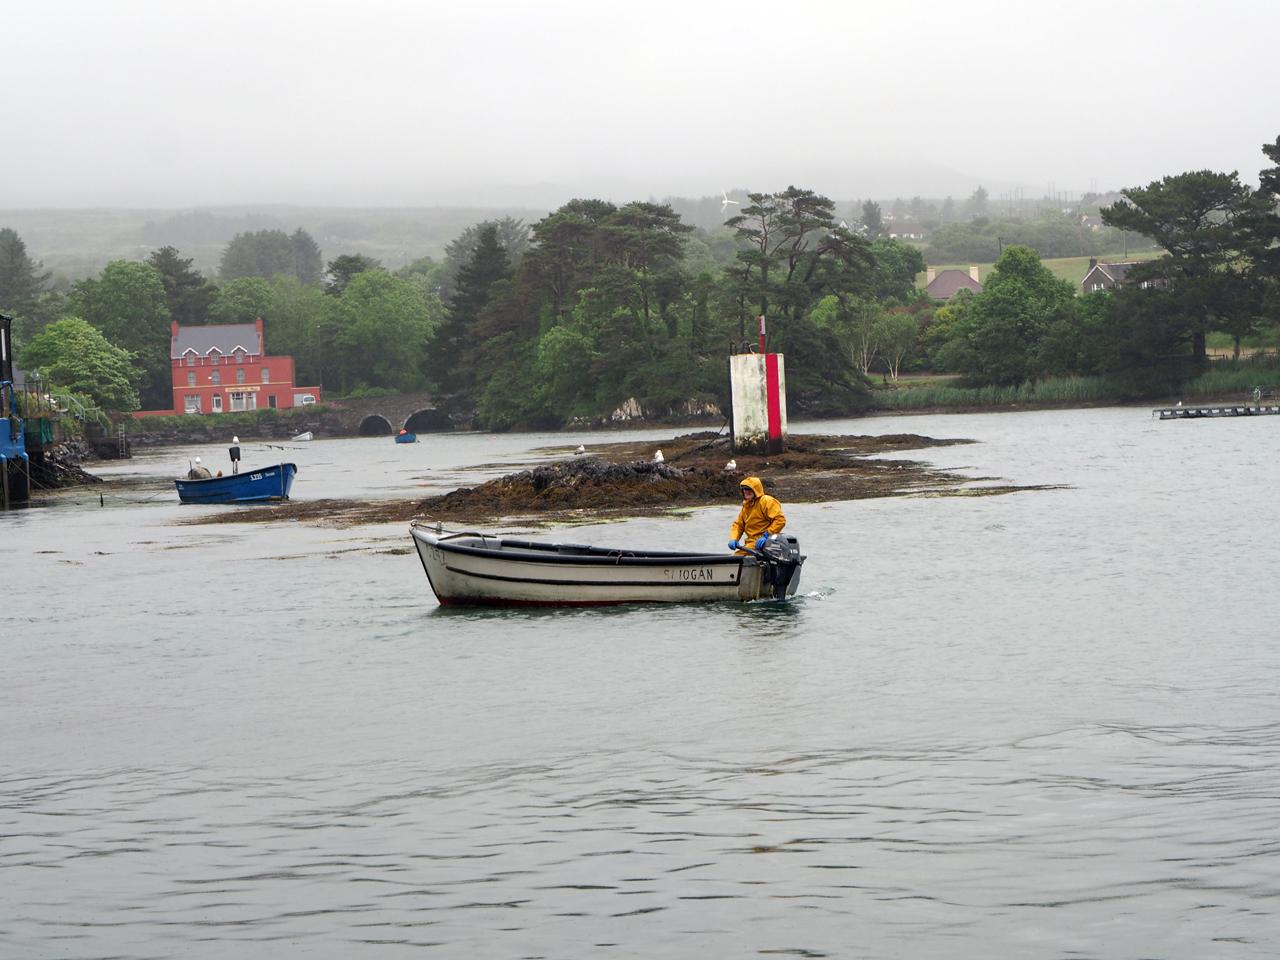 we lopen de haven van Castletownbere binnen